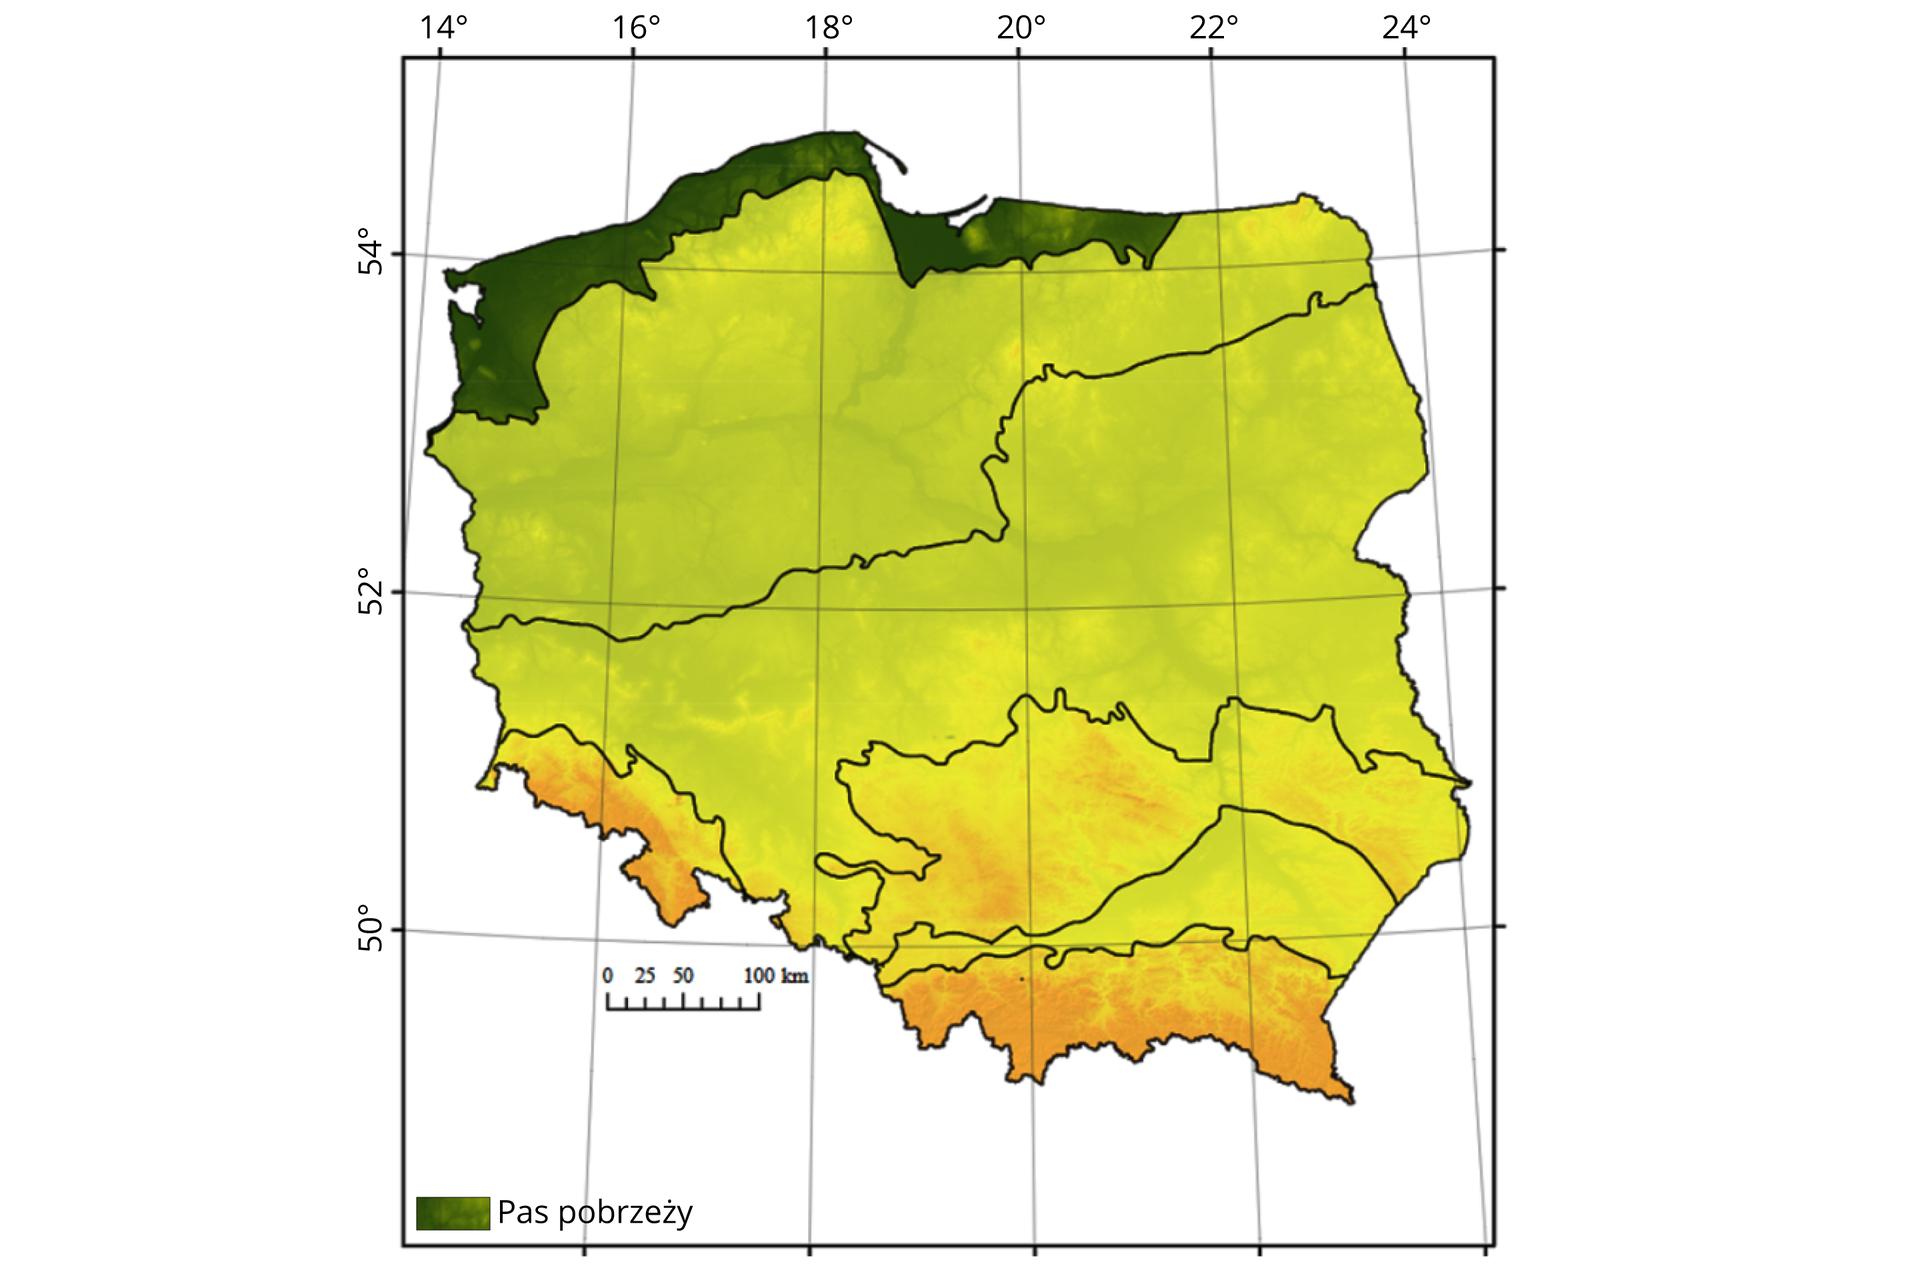 Grafika przedstawia mapę Polski, na której oznaczono pasy geomorfologiczne. Kolorem zielonym oznaczono pas, który położony jest wzdłuż polskiegowybrzeżaBałtyku igranicy zRosją (Obwód Kaliningradzki). Ciągnie się od Zatoki Kilońskiej po Kanał Mazurski.